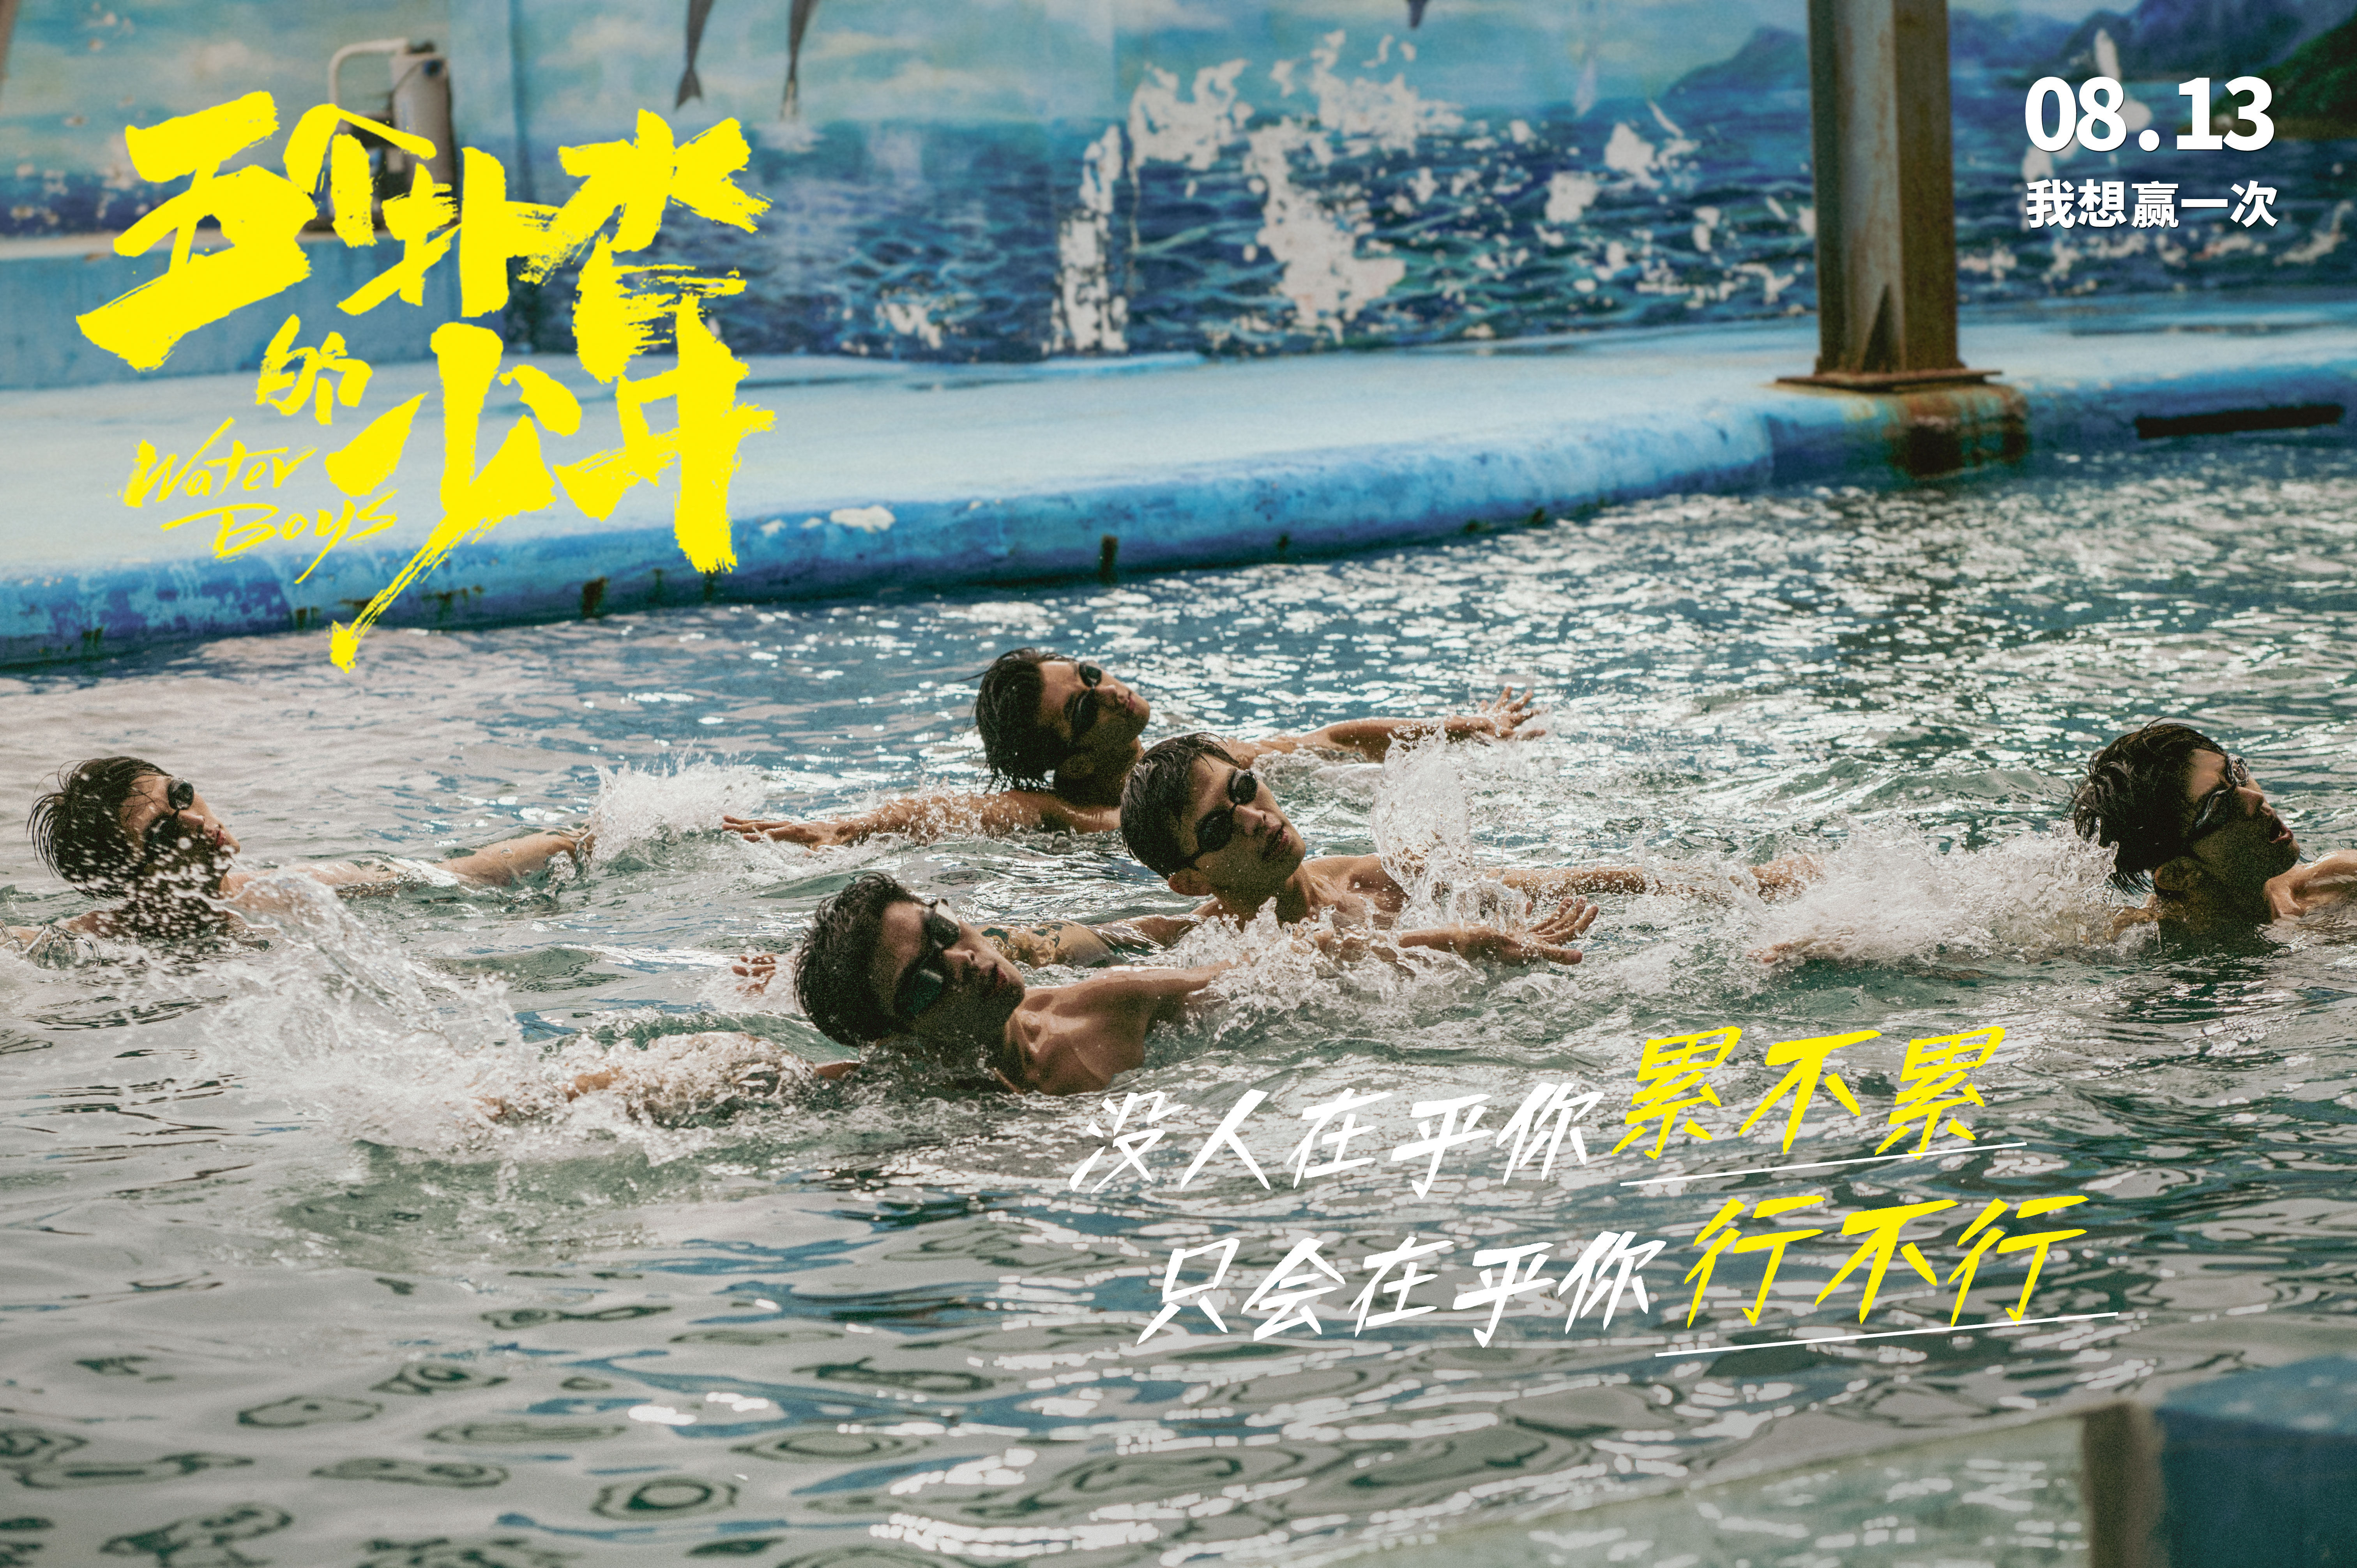 【五个扑水的少年】电影(完整观看版)在线(手-机版)已更免费